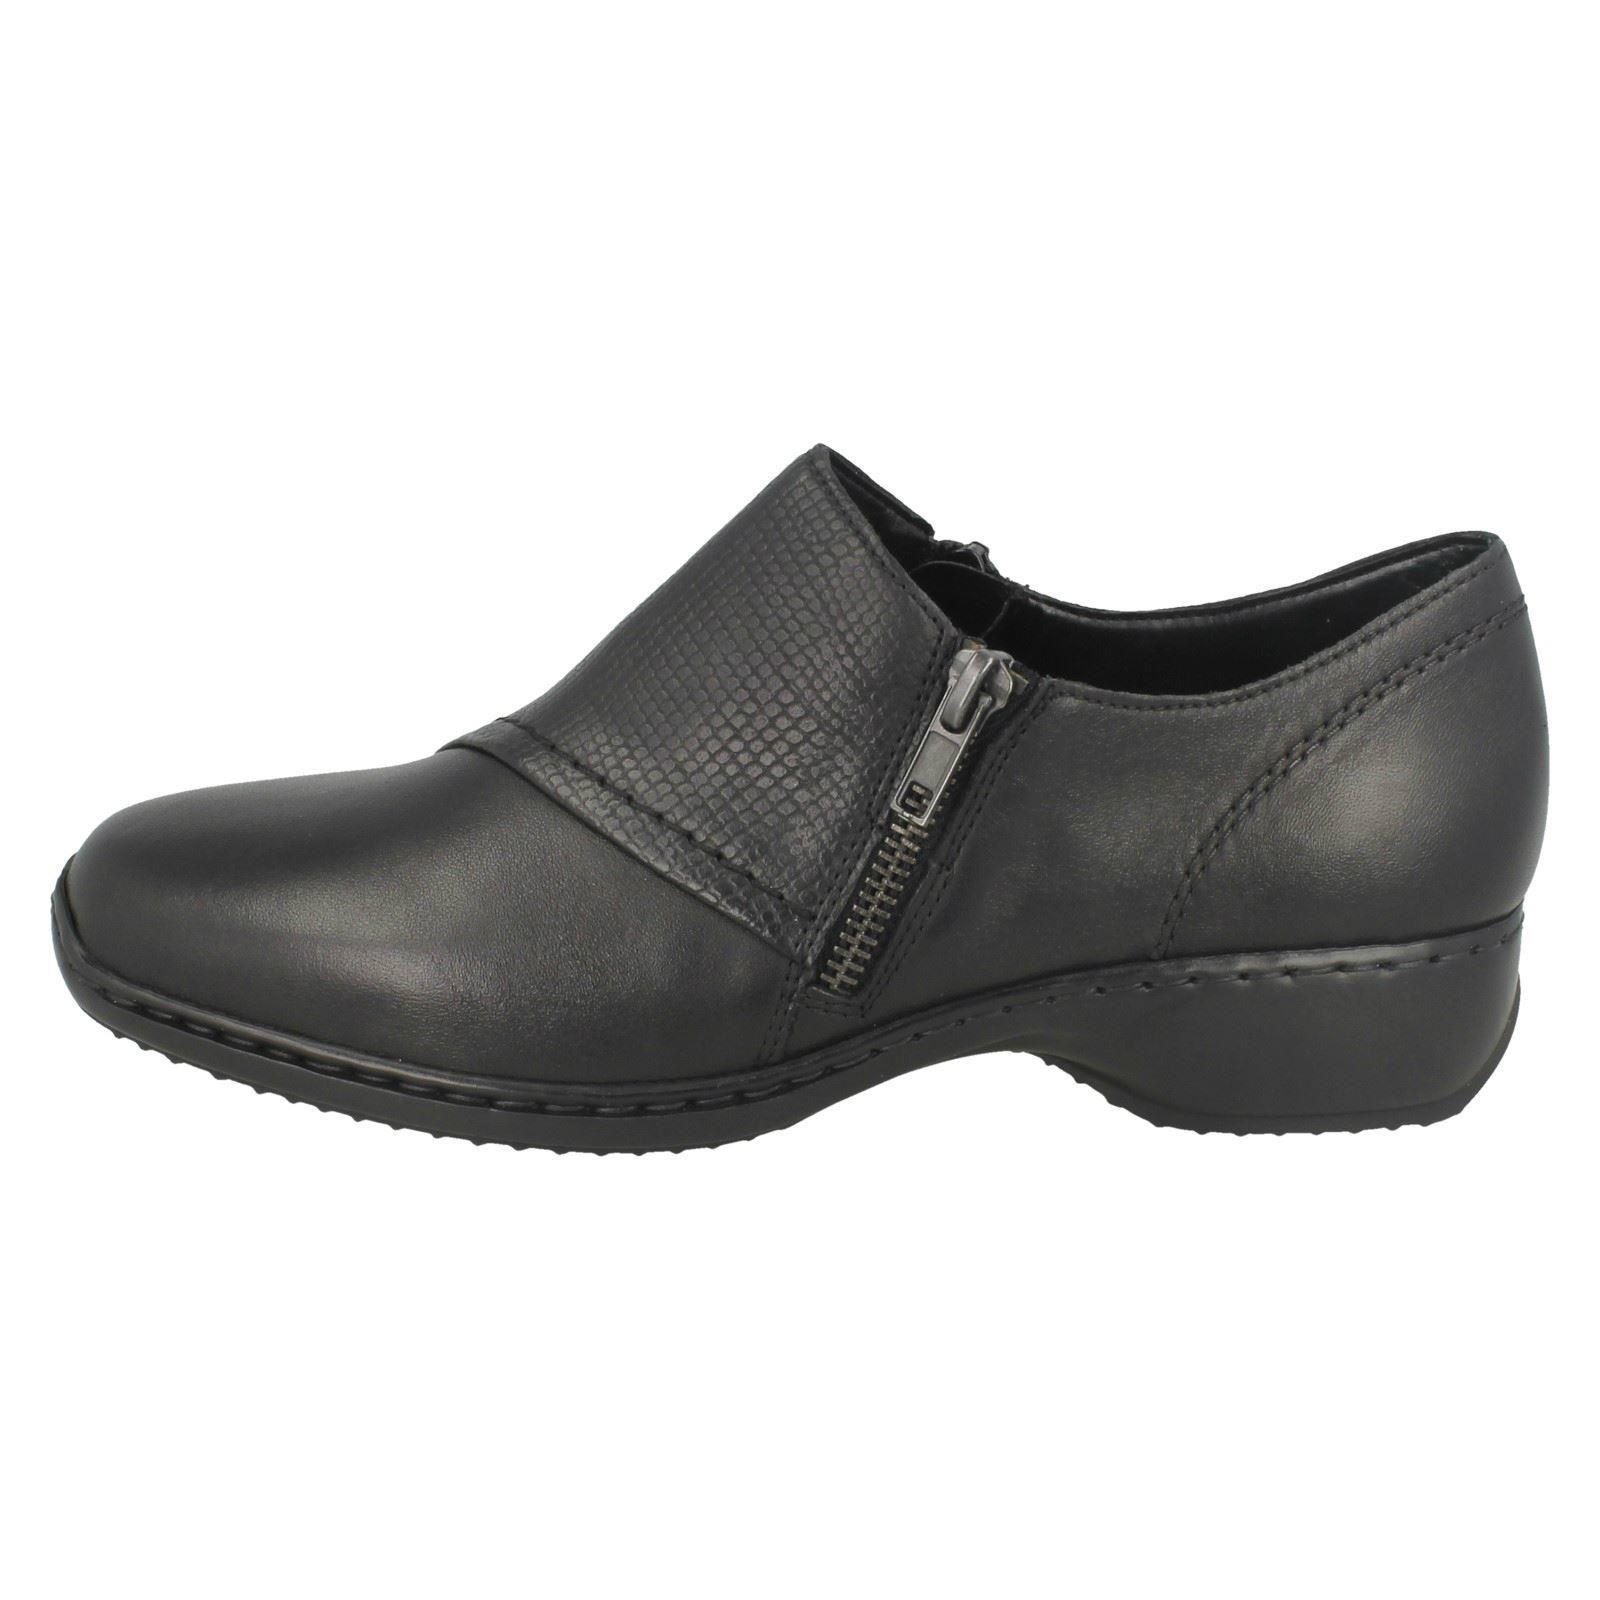 Rieker Femmes Femmes Élégantes 'l3867' Élégantes Chaussures Rieker Chaussures 'l3867' Femmes dRqrw6d